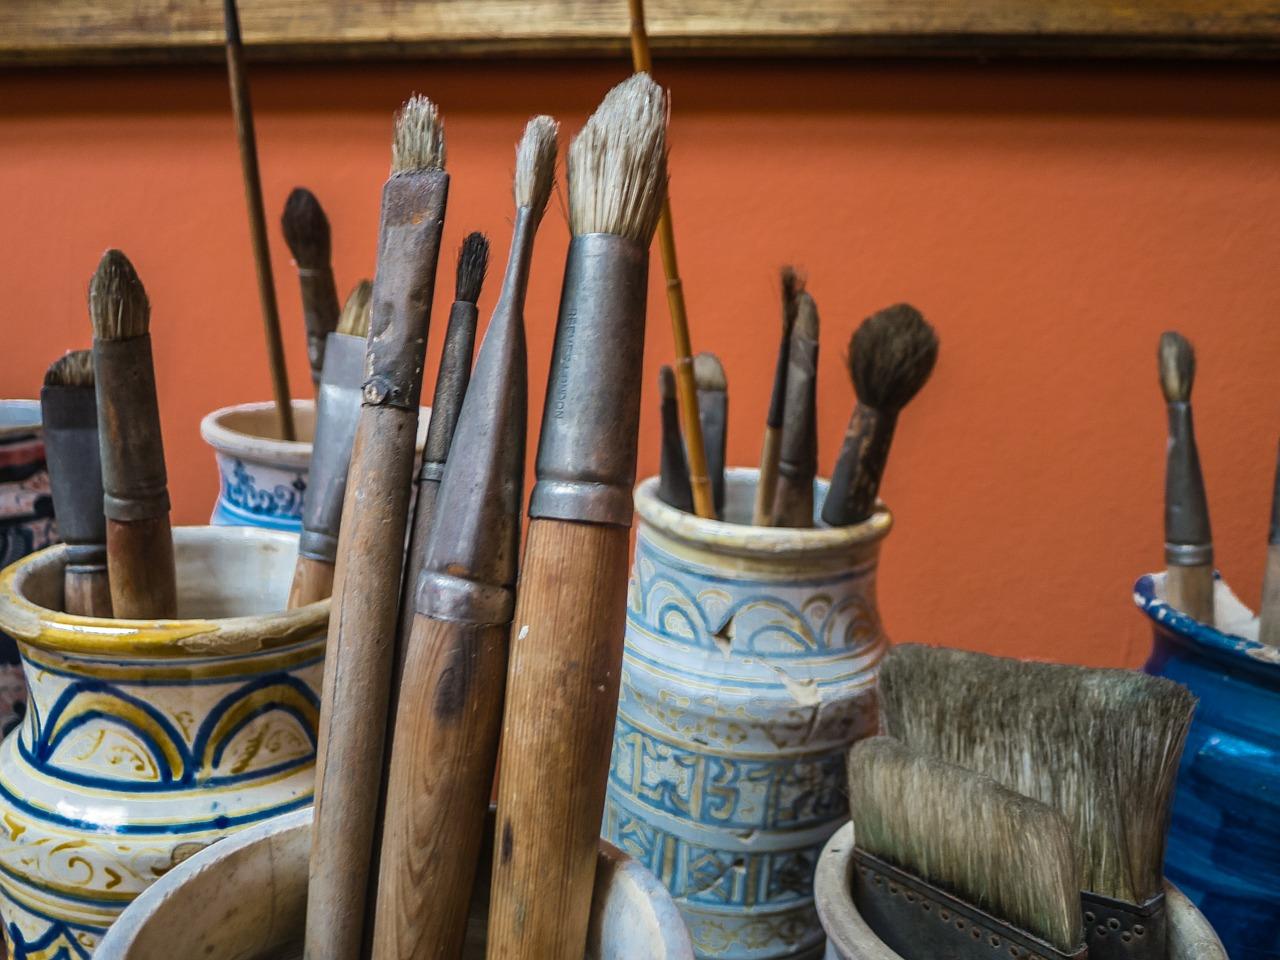 brushes-387545_1280.jpg